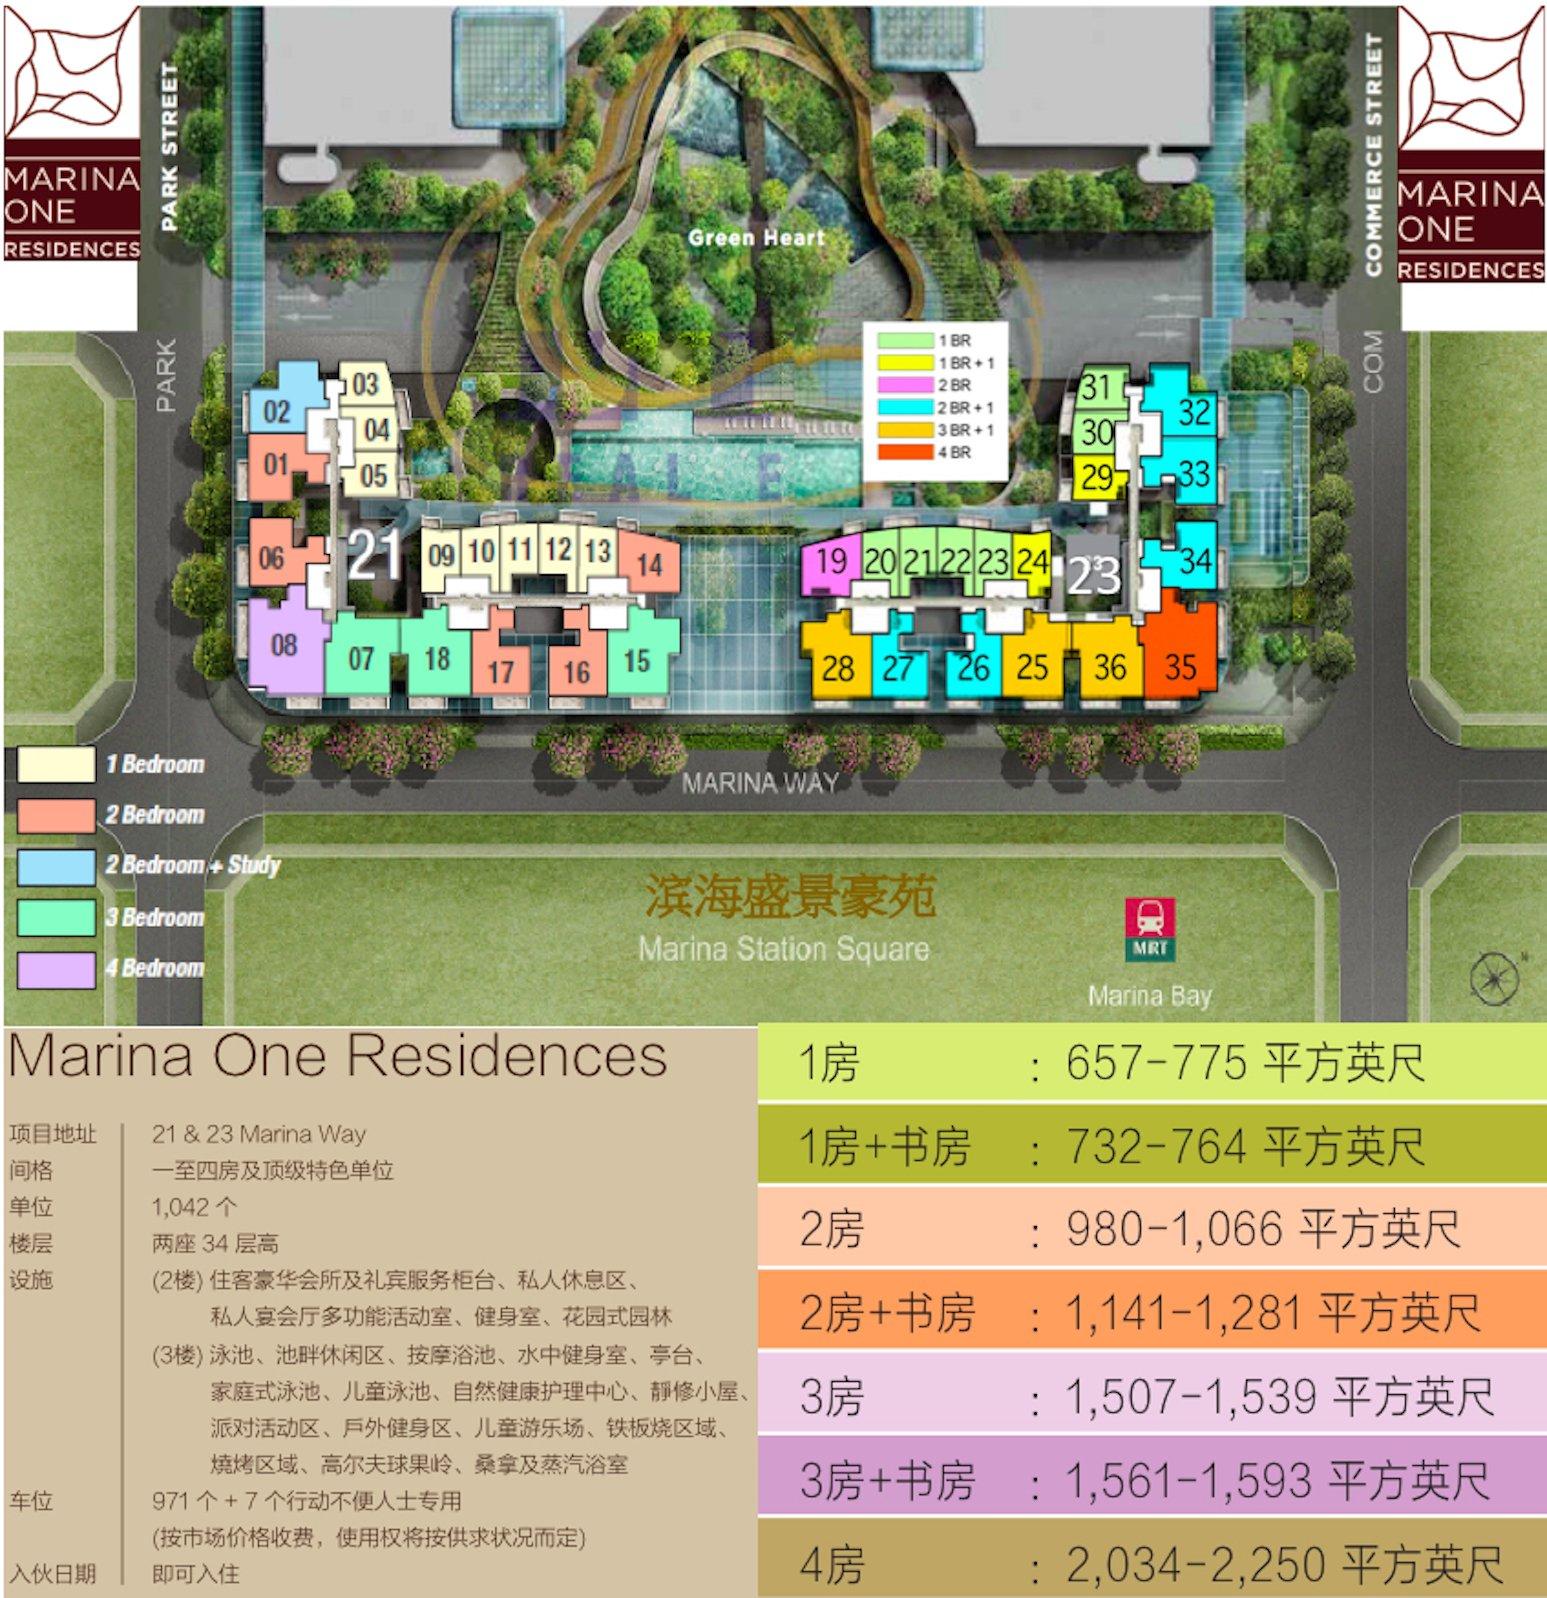 滨海盛景豪苑平面图和户型分布